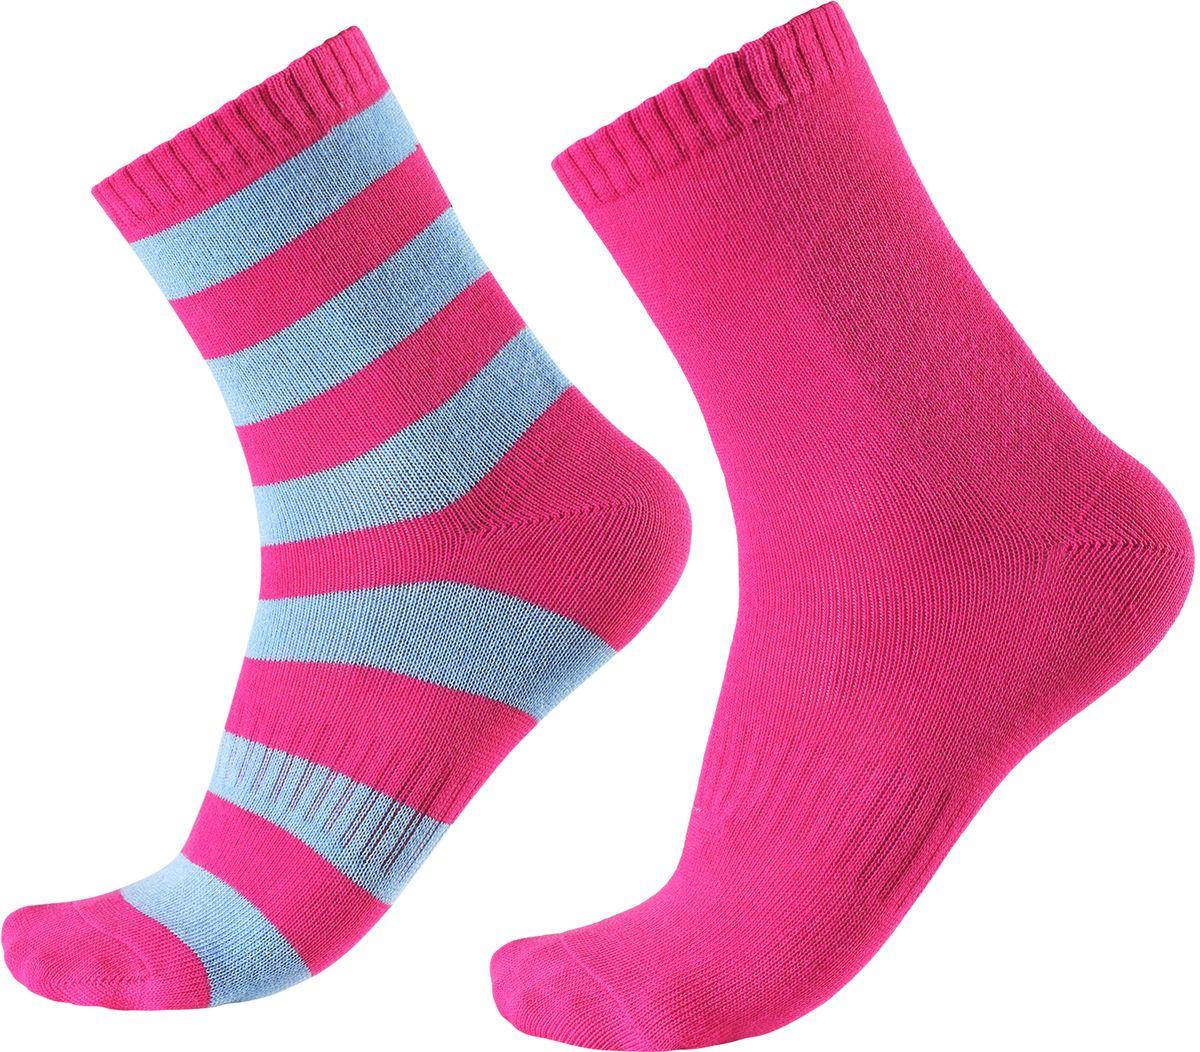 Носки детские Reima Colombo, цвет: розовый, голубой. 527267-4620. Размер 22/25527267-4620В носках из смеси Coolmax детским ножкам будет тепло и уютно. Смесь Coolmax с хлопком превосходно подходит для занятий спортом и подвижных игр на свежем воздухе, поскольку эффективно выводит влагу с кожи и не вызывает потливости. Этот материал дышит и быстро сохнет. Легкая летняя модель без ворсового усиления.